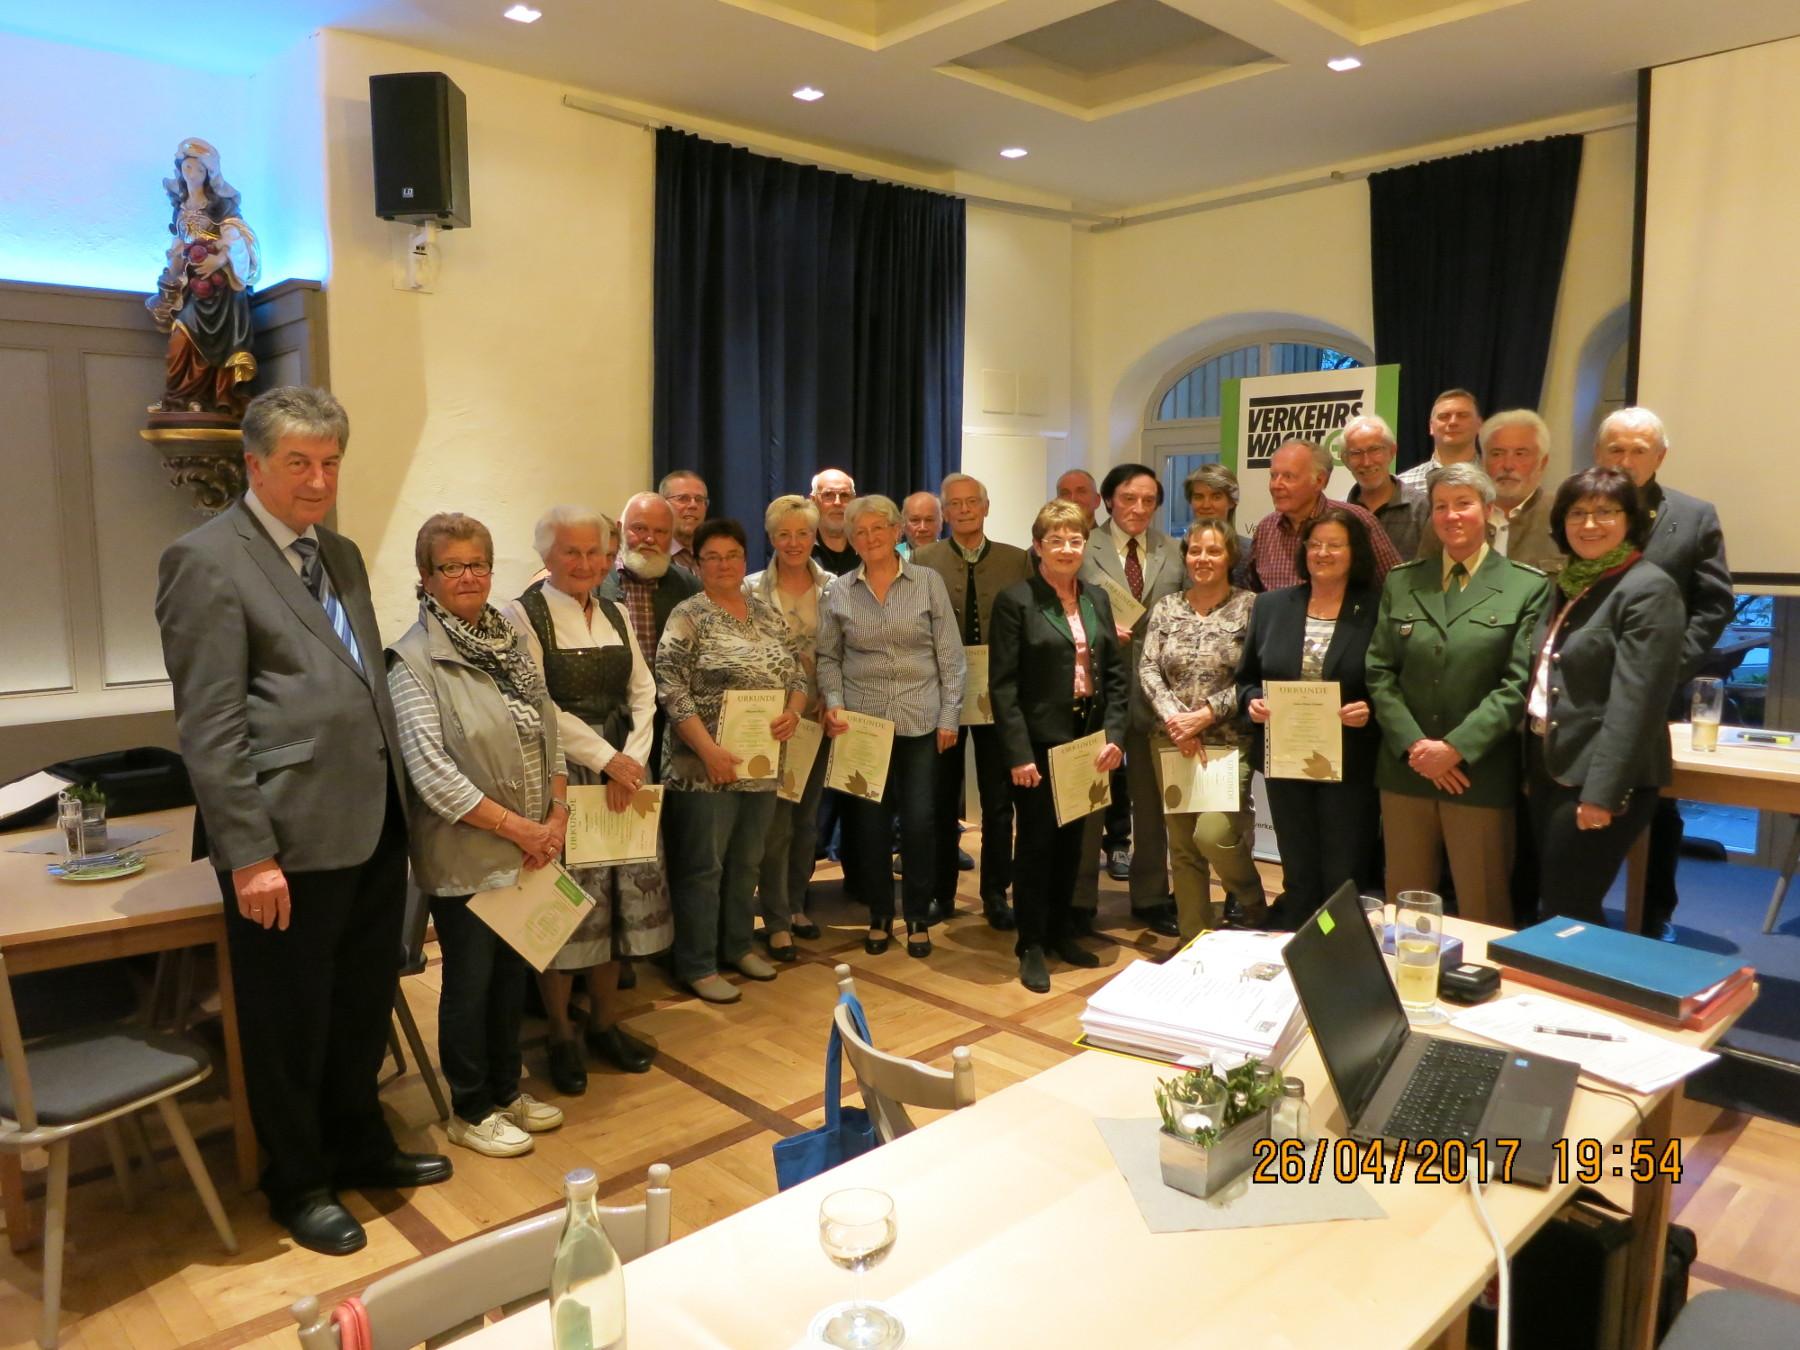 Mitgliederversammlung der Verkehrswacht